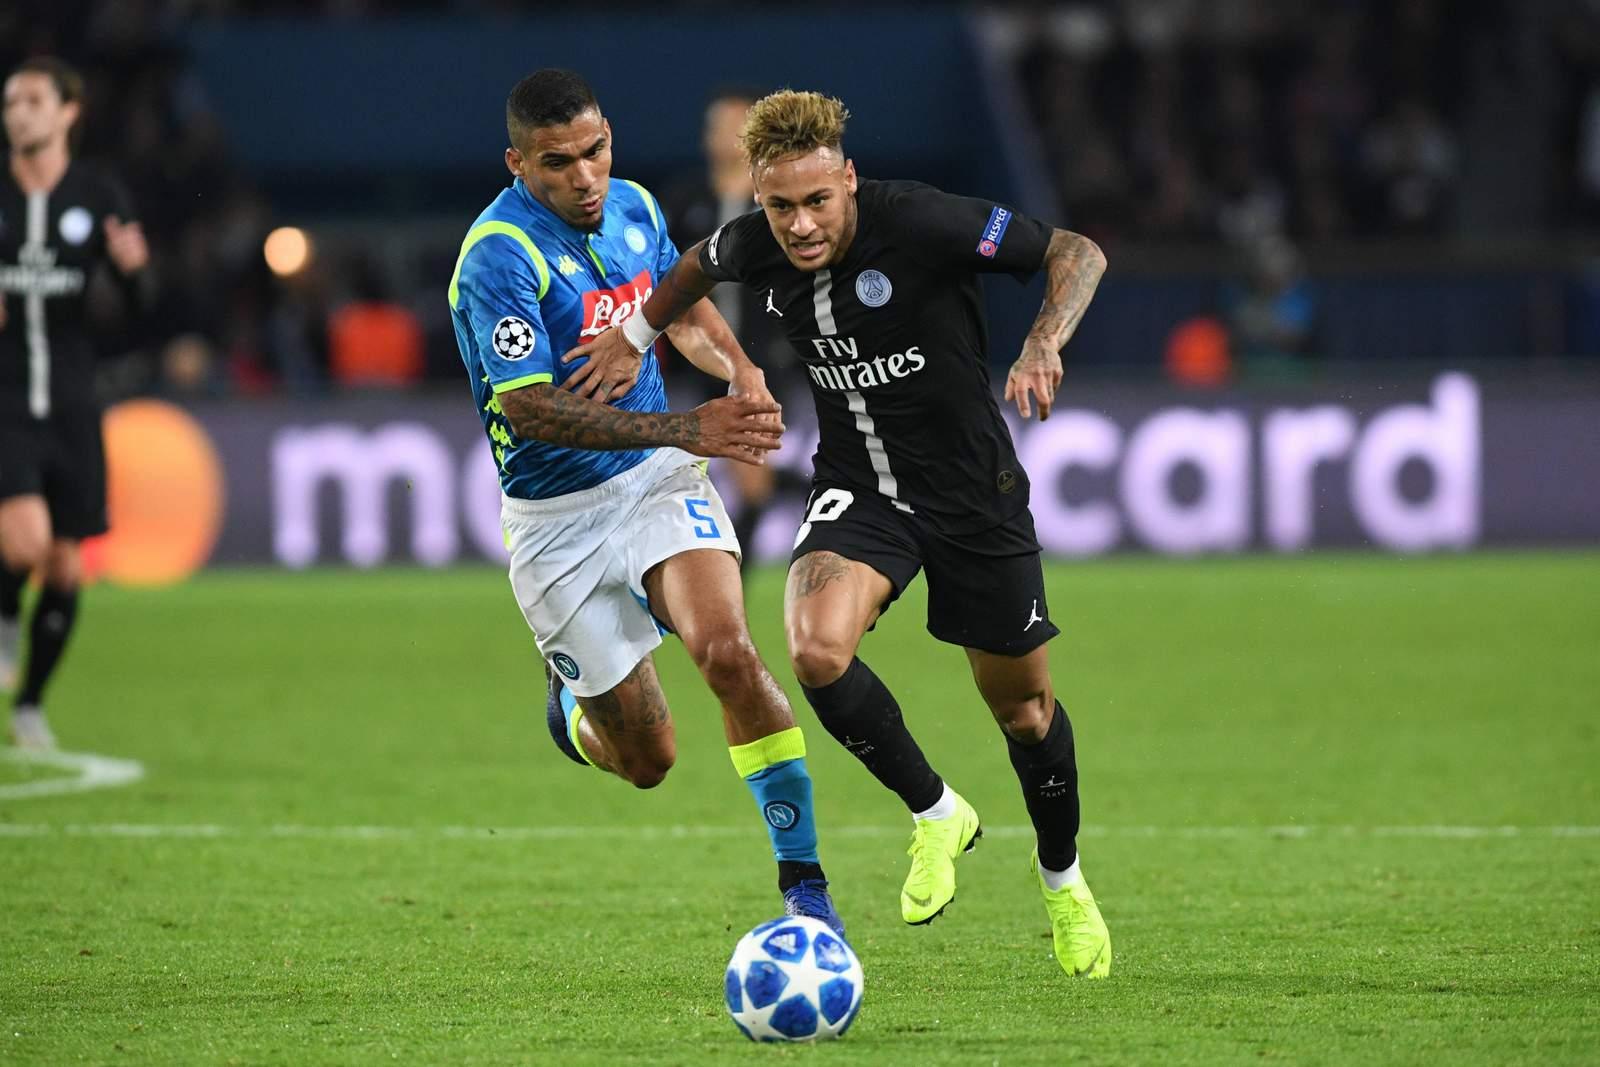 Setzt sich Neymar wieder gegen Allan durch? Jetzt auf Neapel vs PSG wetten